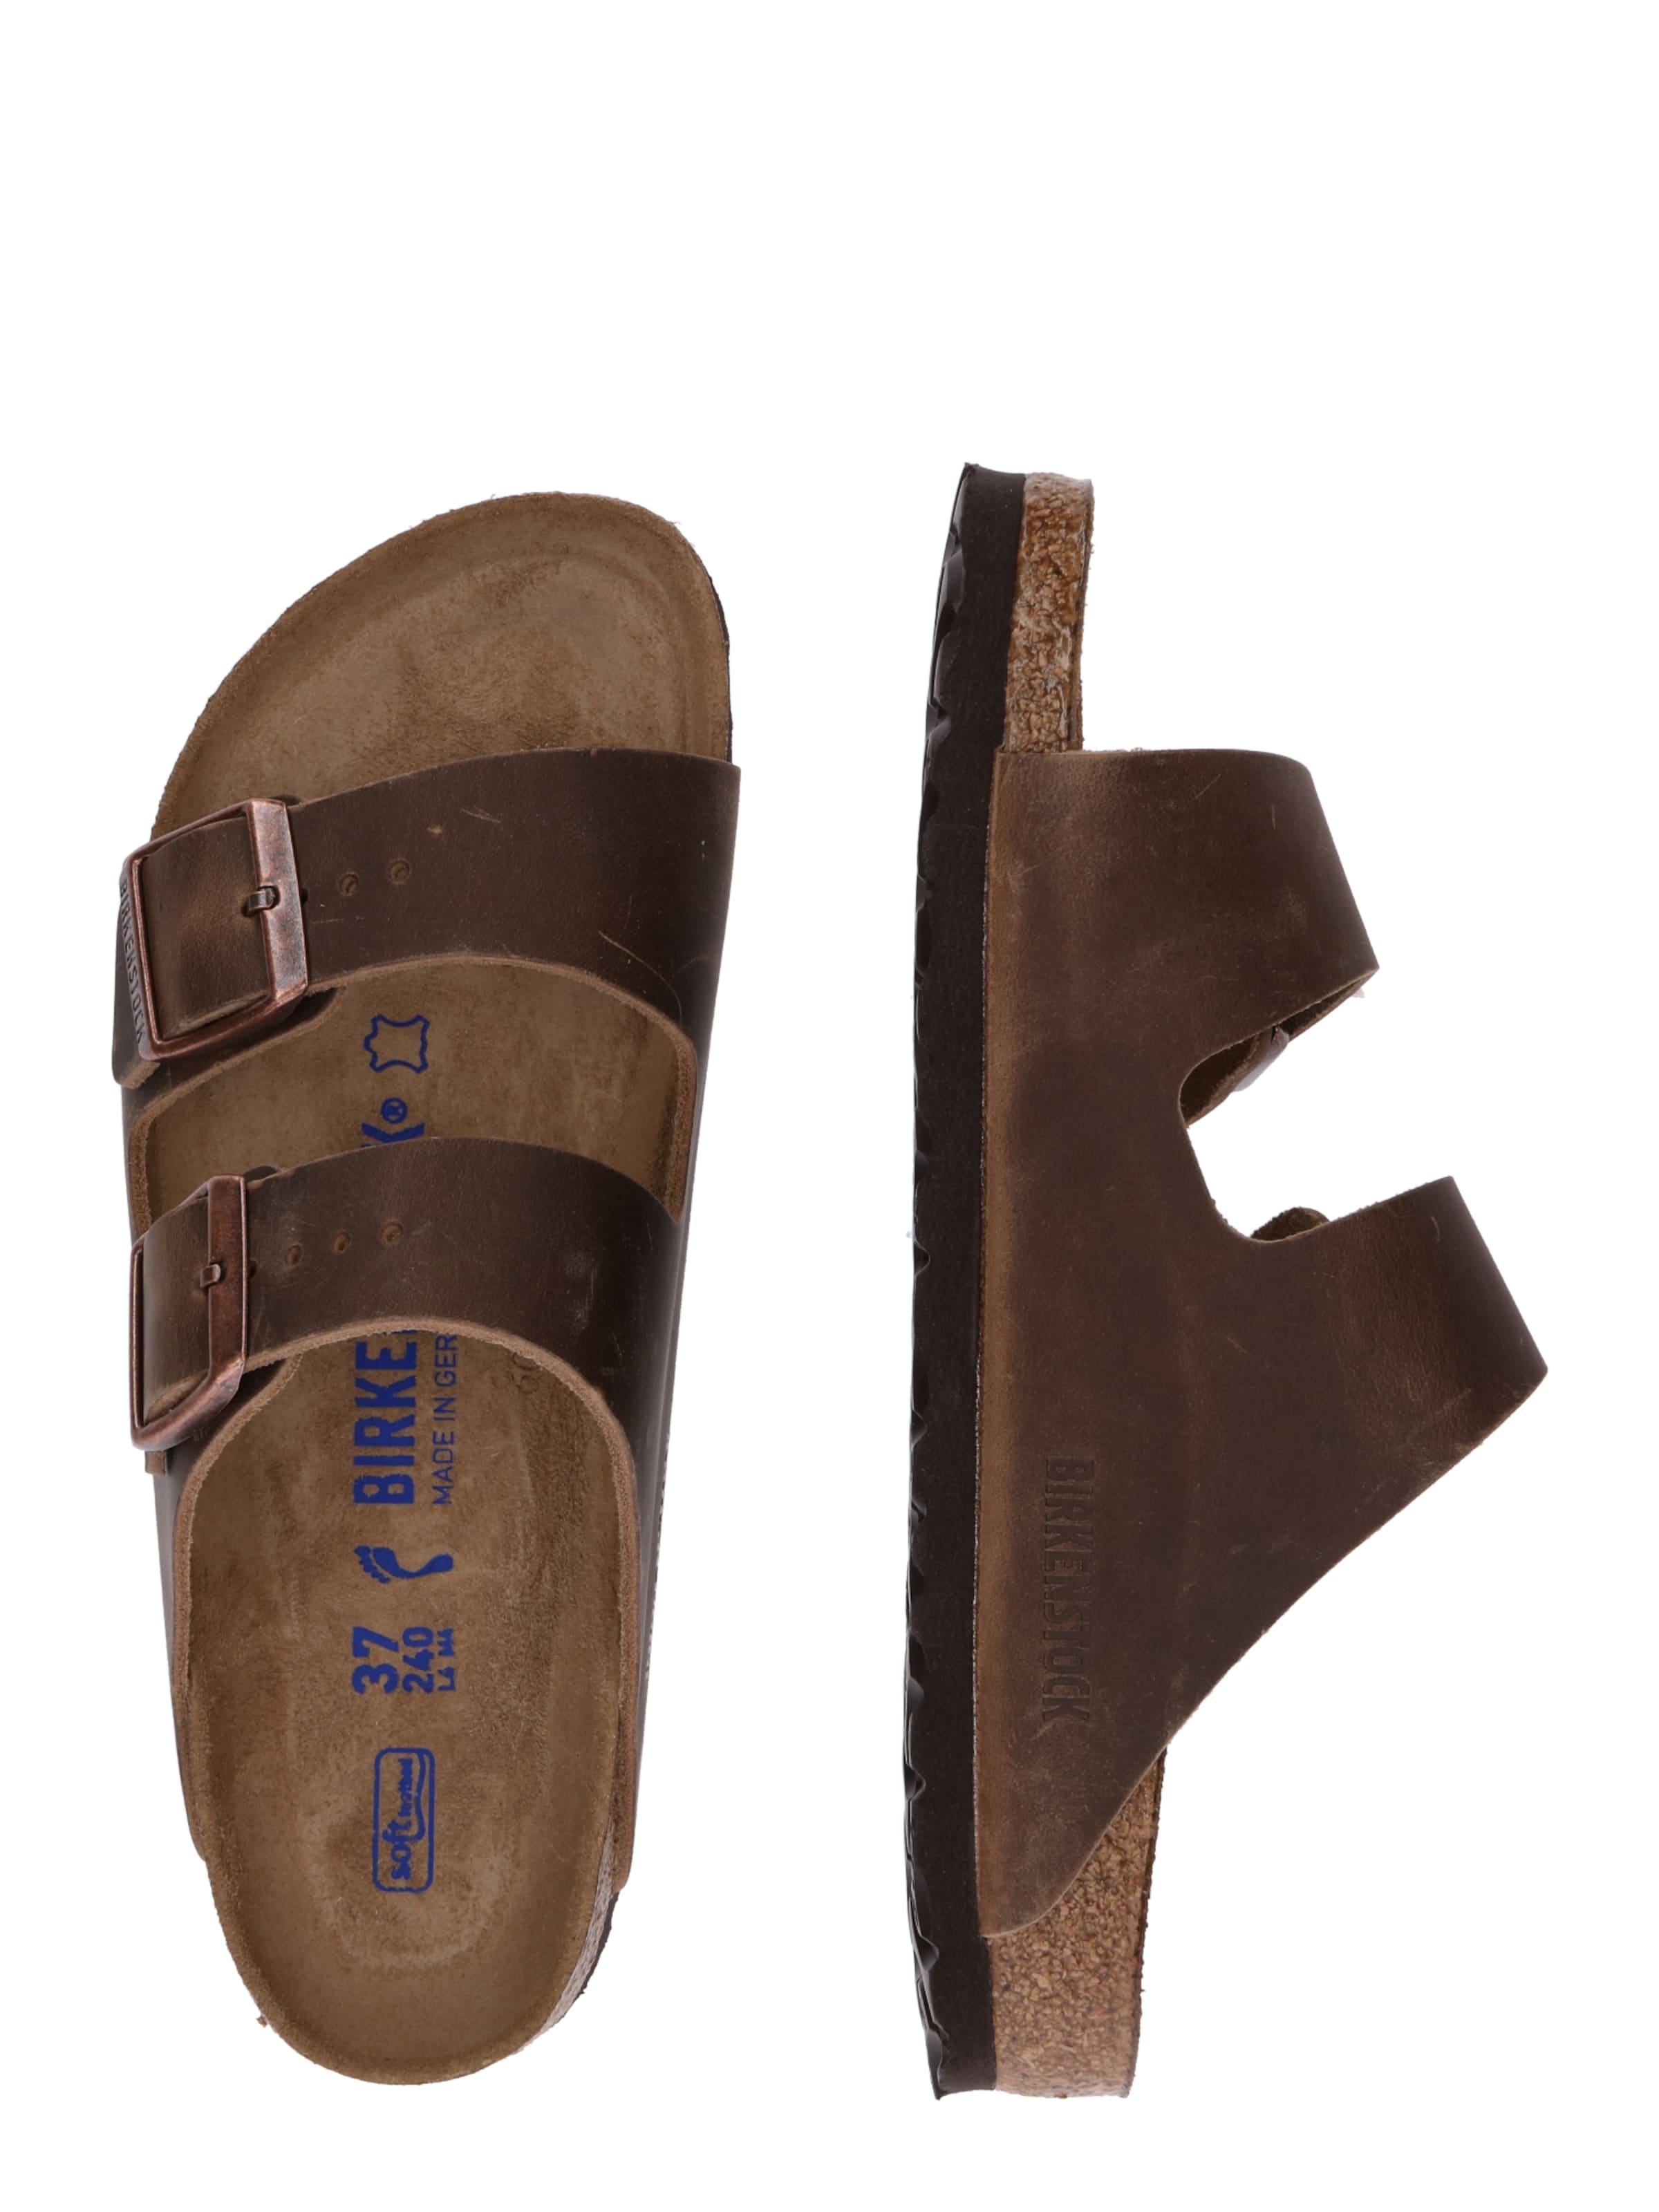 Birkenstock Pantolette Birkenstock 'arizona' Birkenstock 'arizona' Braun In Braun Pantolette In pSqVGUMz